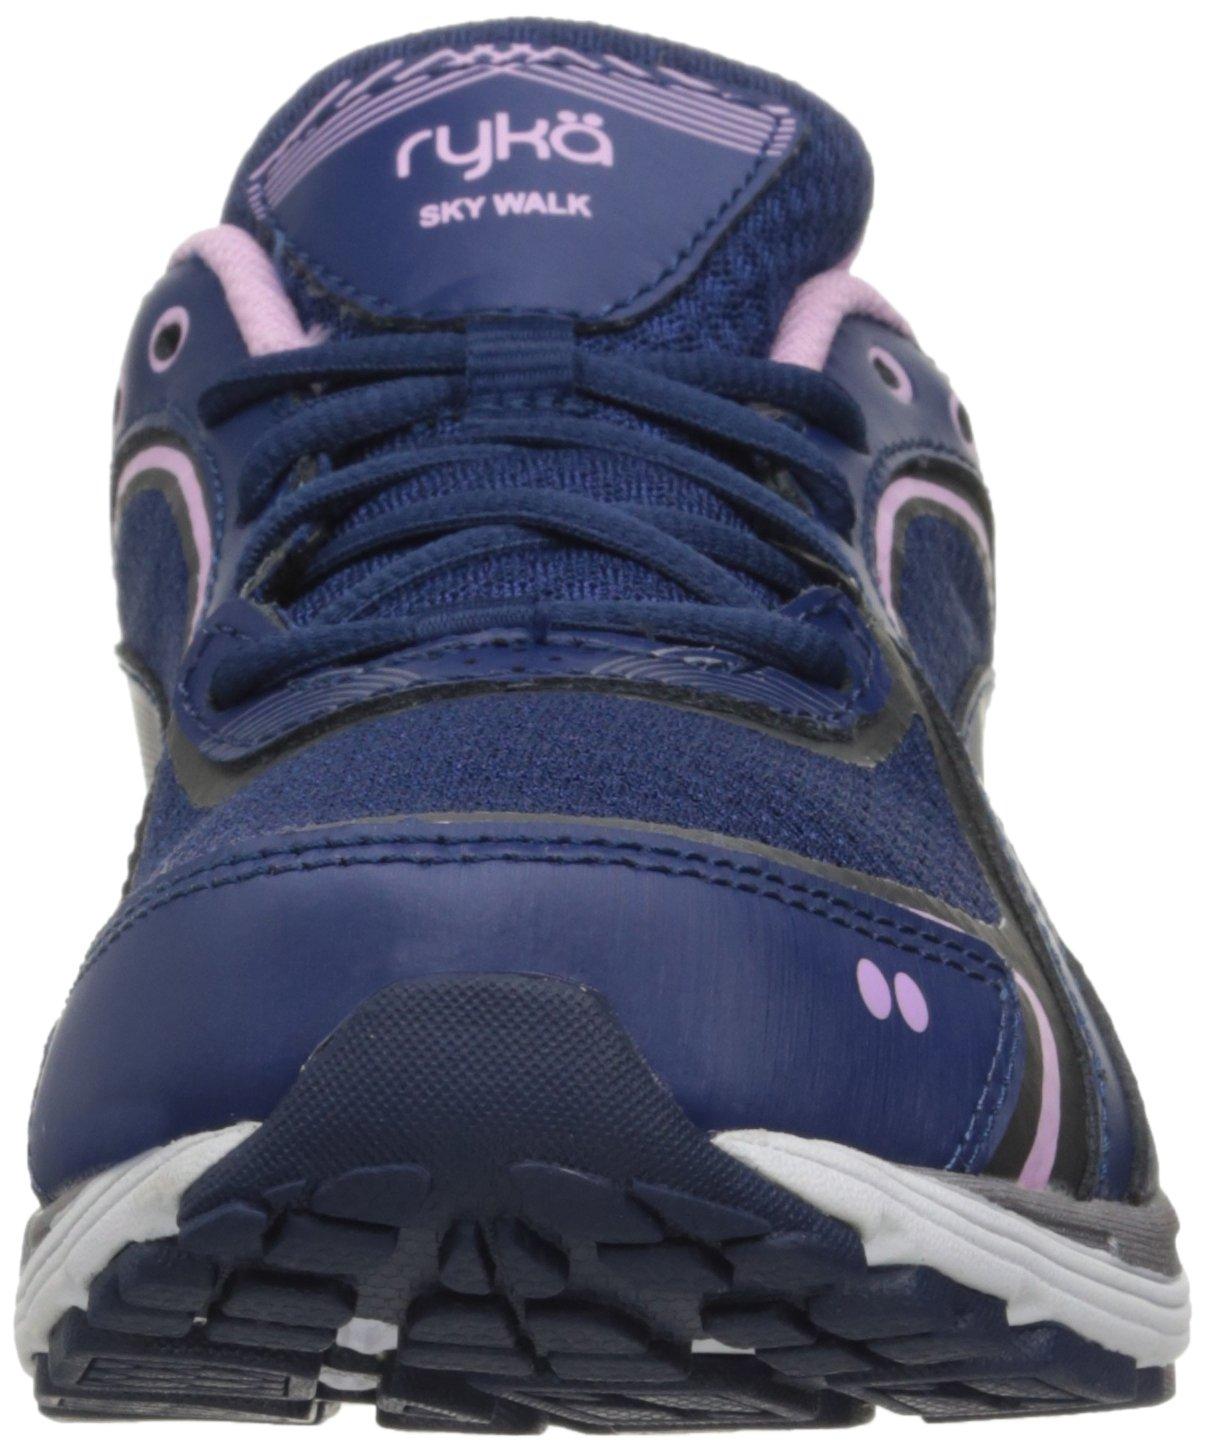 Ryka Women's B01A63CRHY Sky Walking Shoe B01A63CRHY Women's 6 B(M) US|Navy/Lilac 30d866